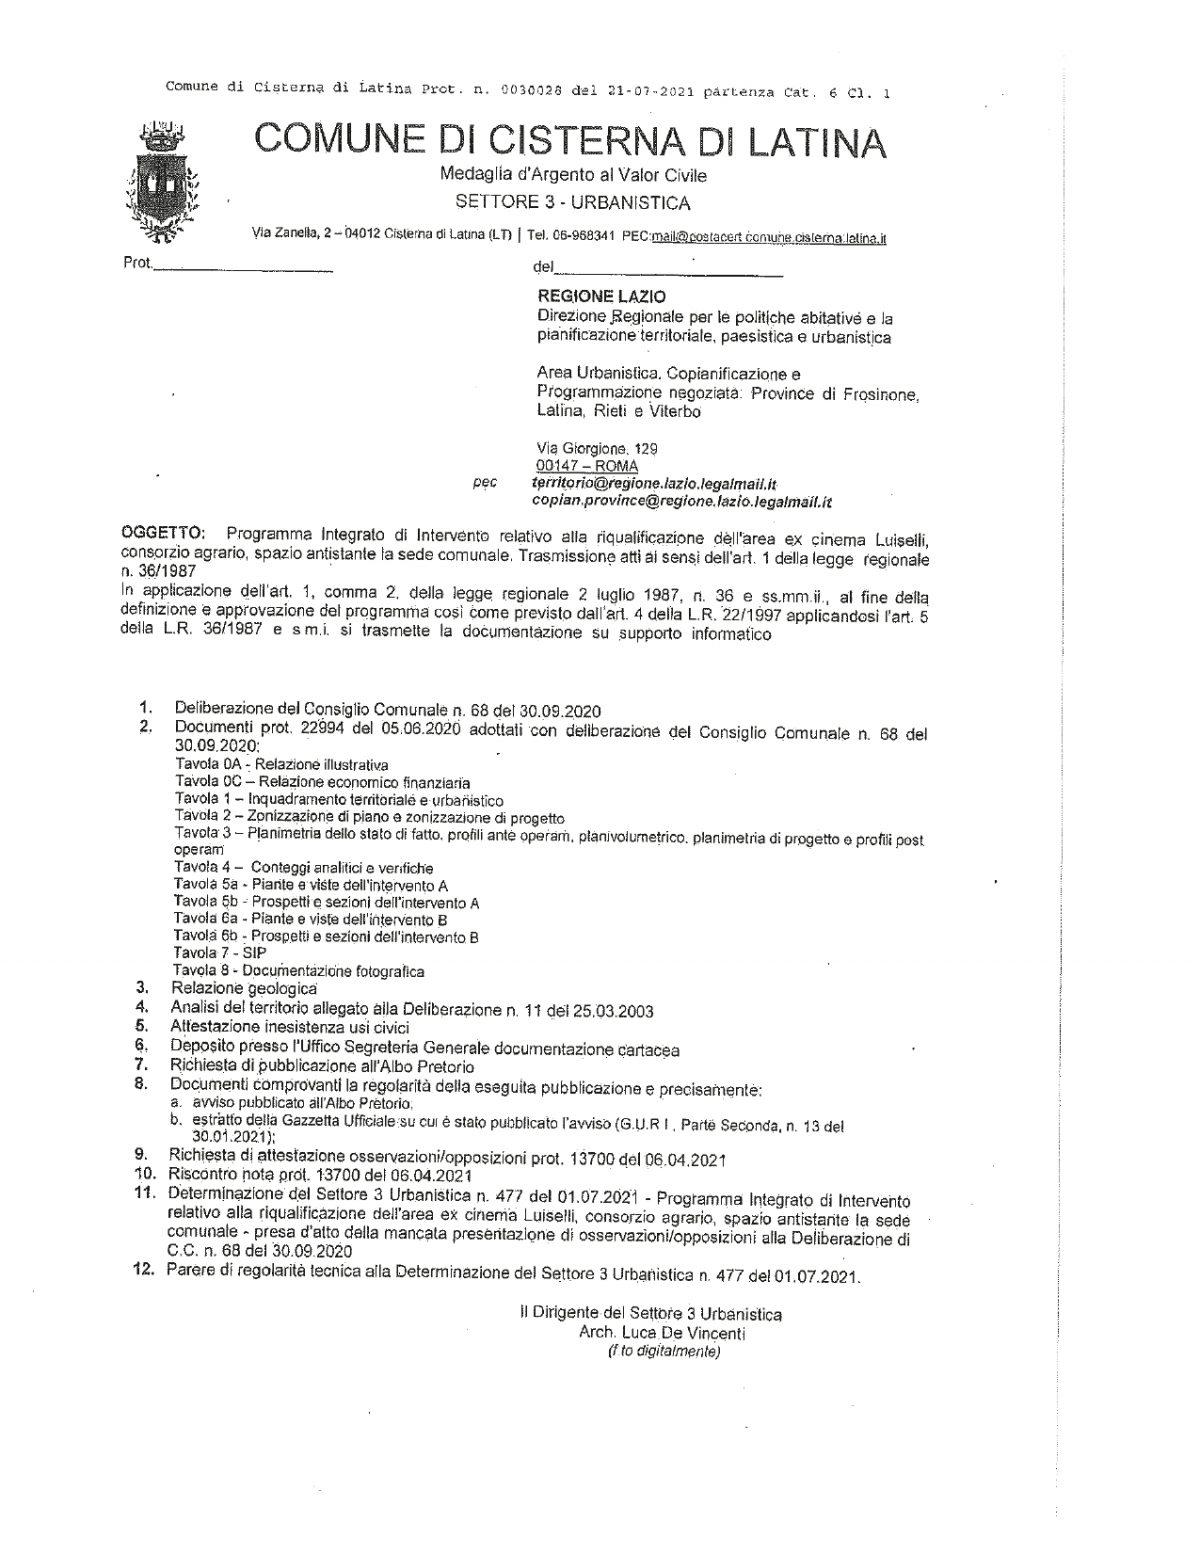 Doc. del 21.07.2021Trasmissione Atti alla regione Lazio